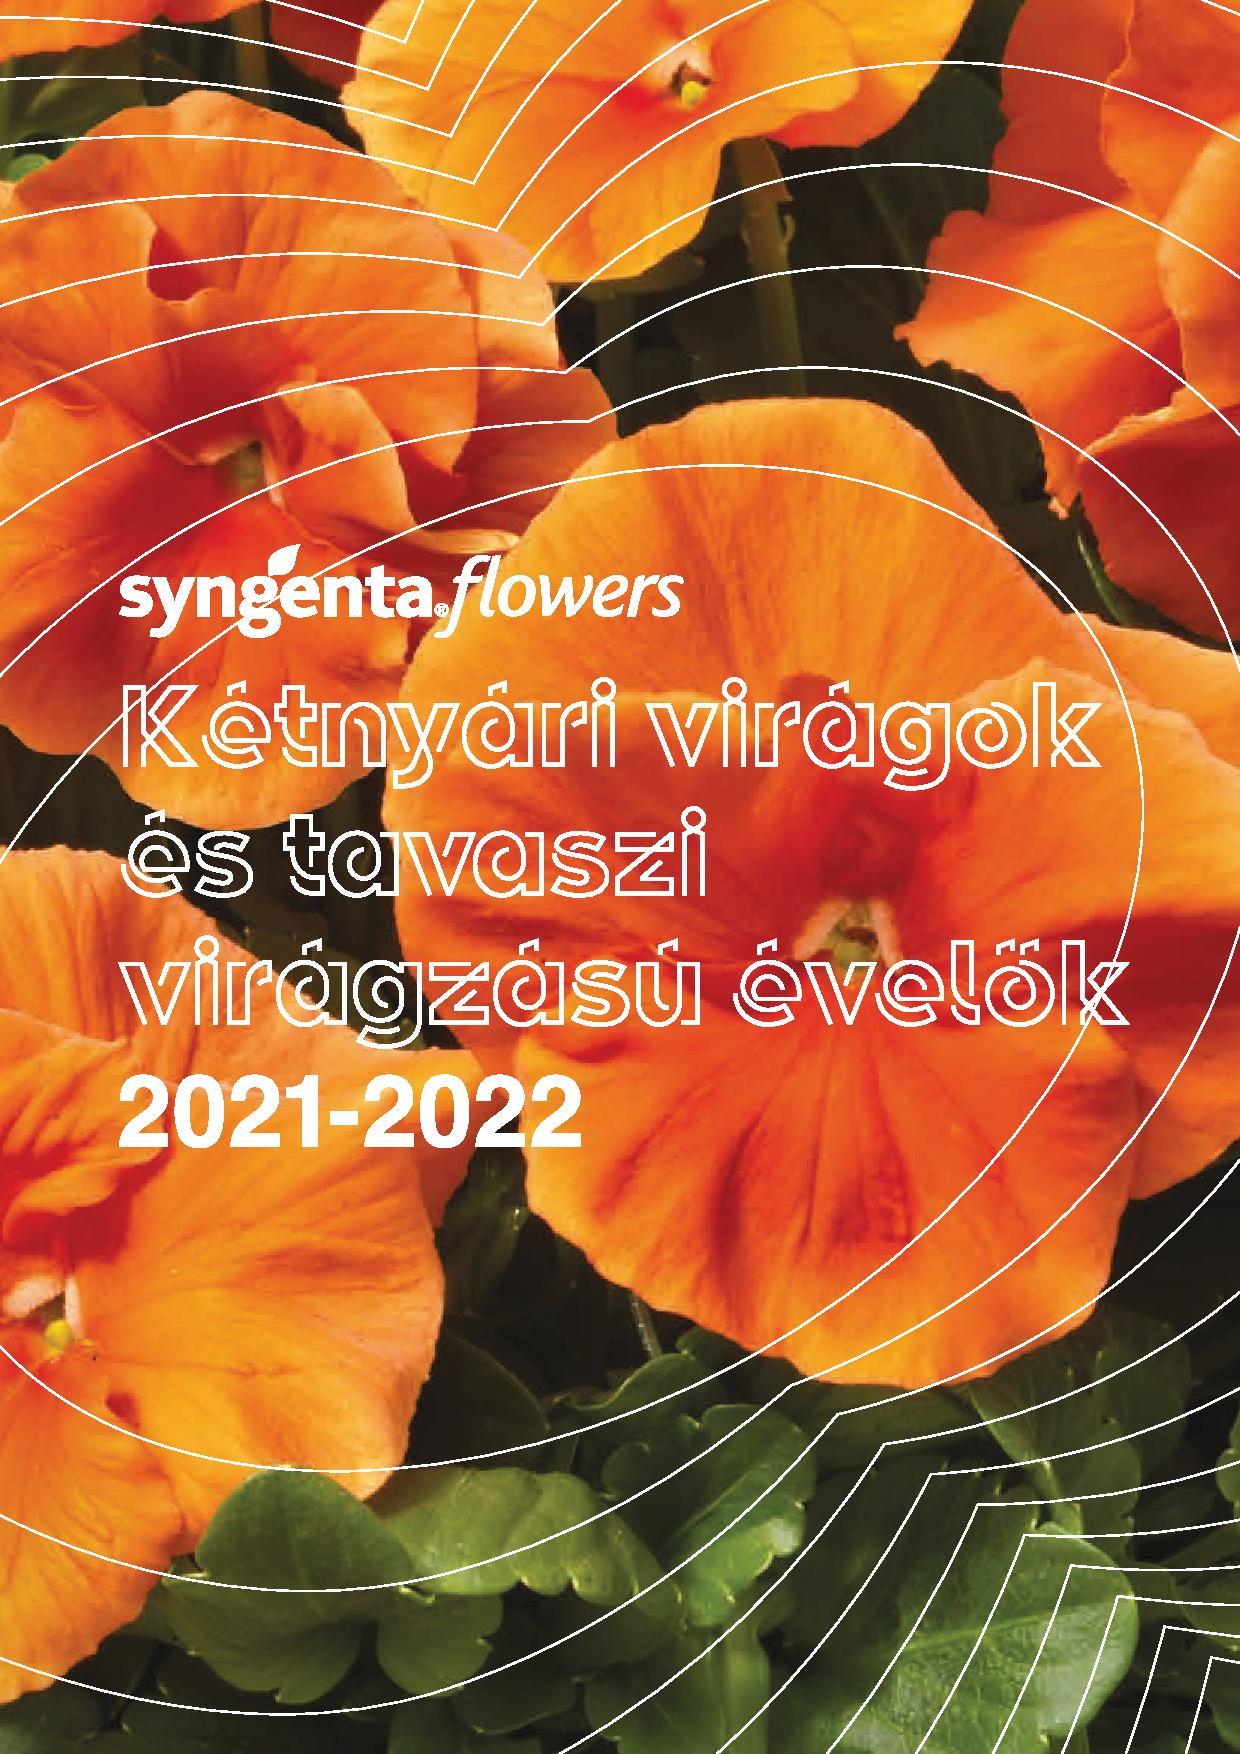 Kétnyári katalógus 2021-2022